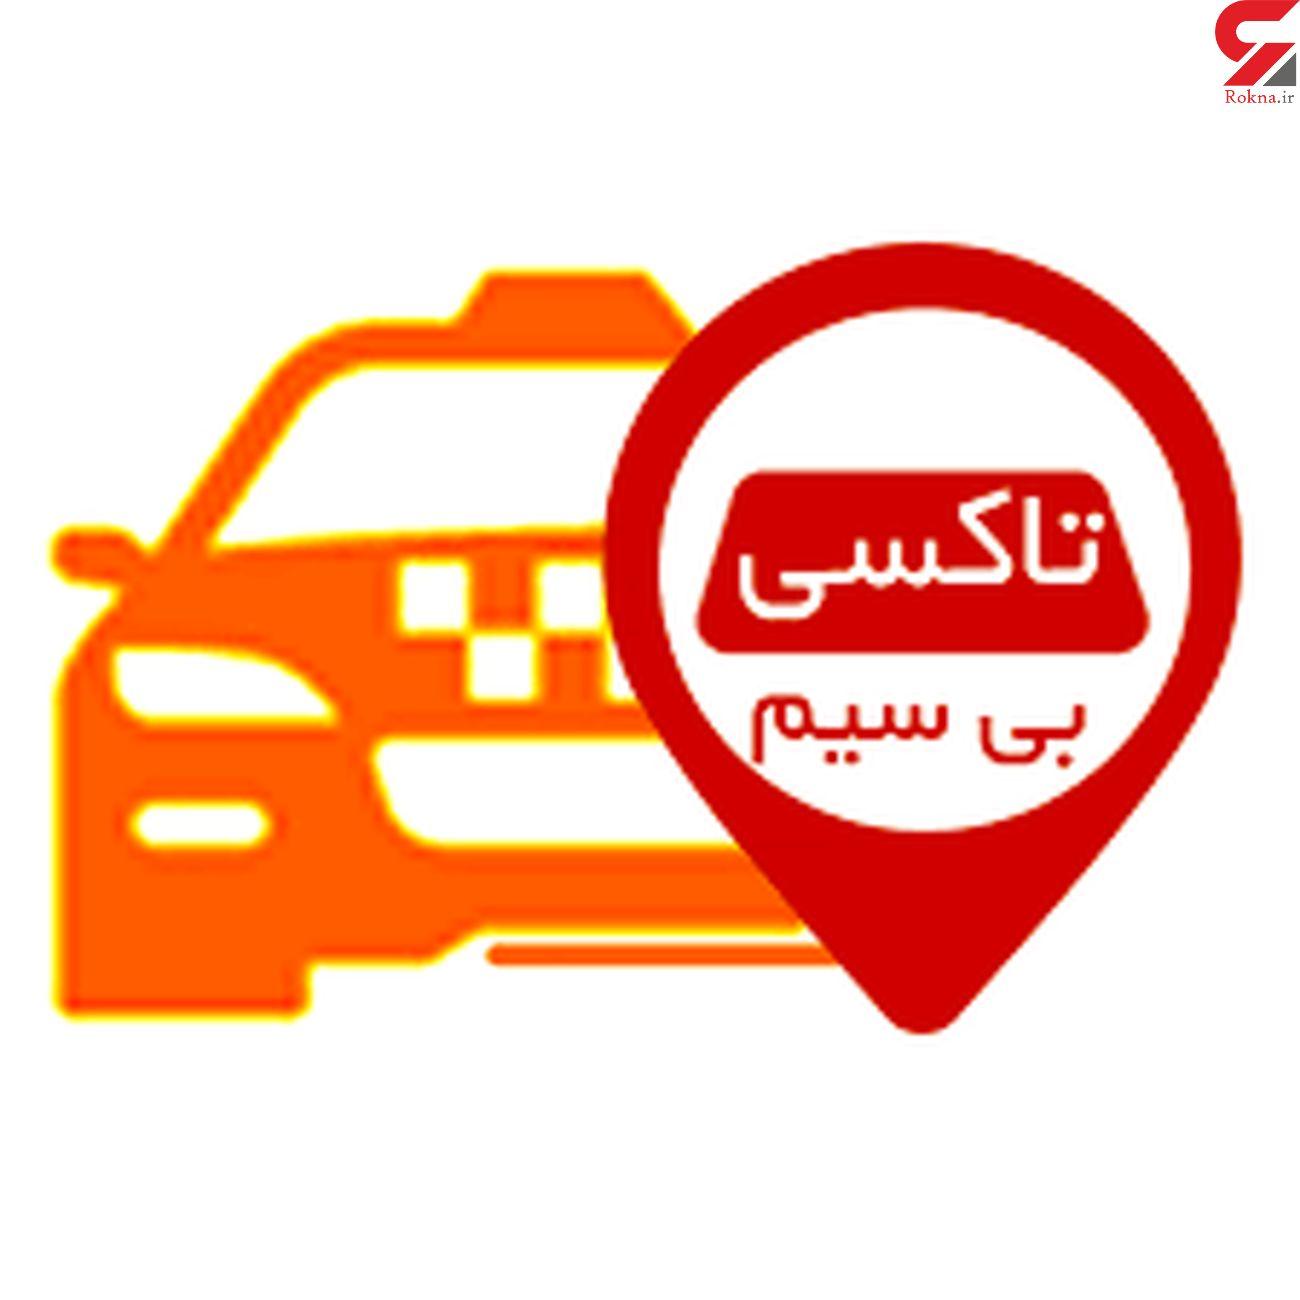 پاسخ مدیرعامل تاکسی اینترنتی به شکایت یکی از کاربران